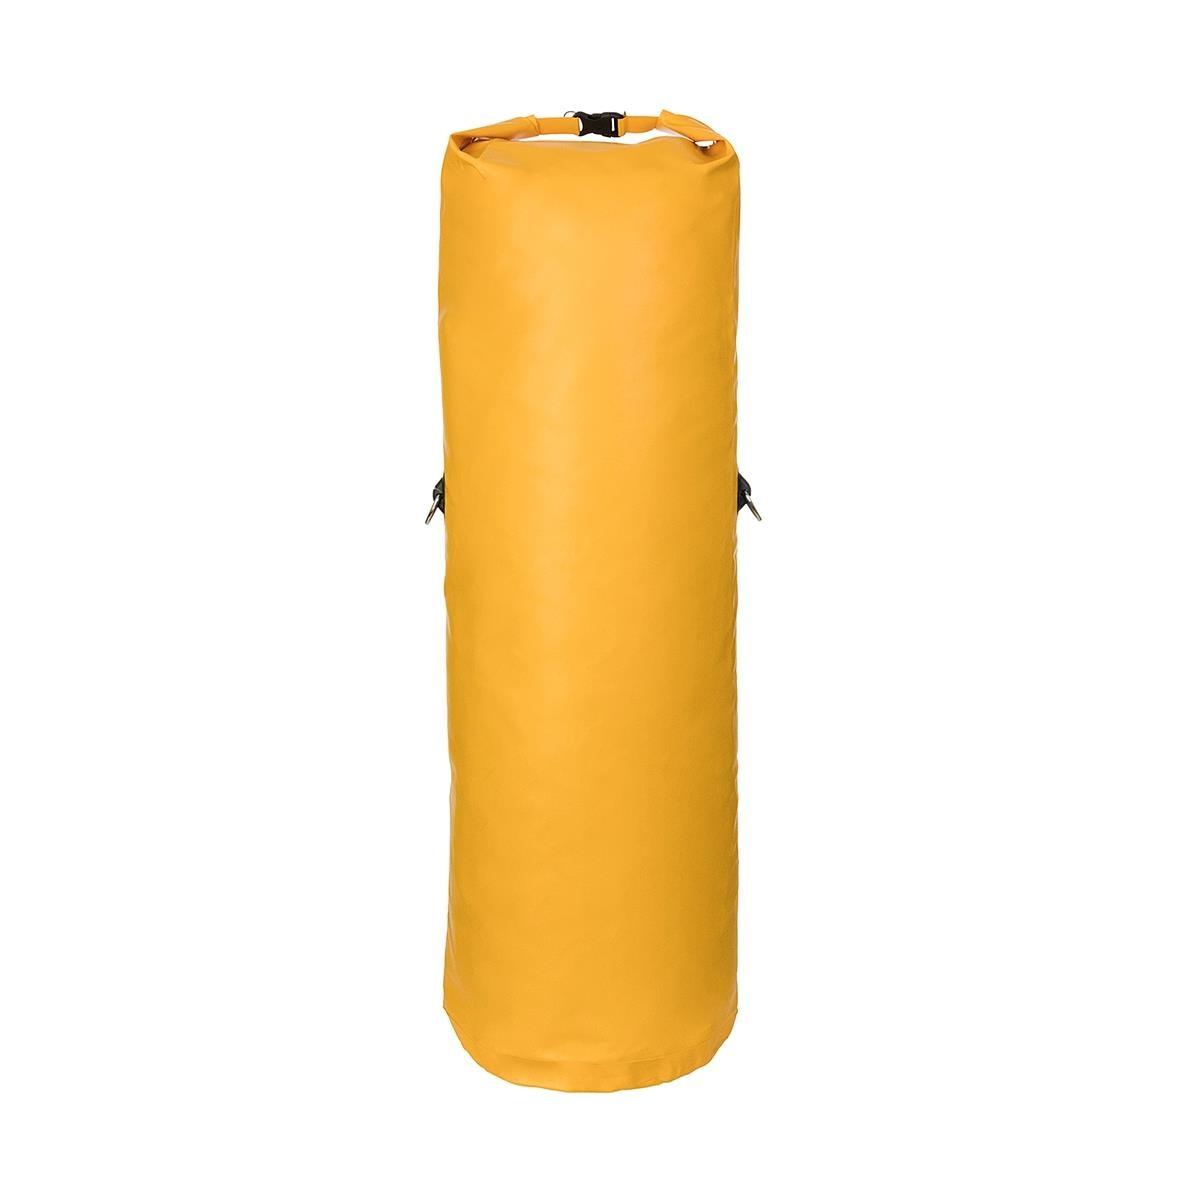 Драйбег 90л (d33/h125cm) желтый Helios (HS DB 9033125 Y) водонепроницаемые сумки сухой мешок водостойкий рюкзак